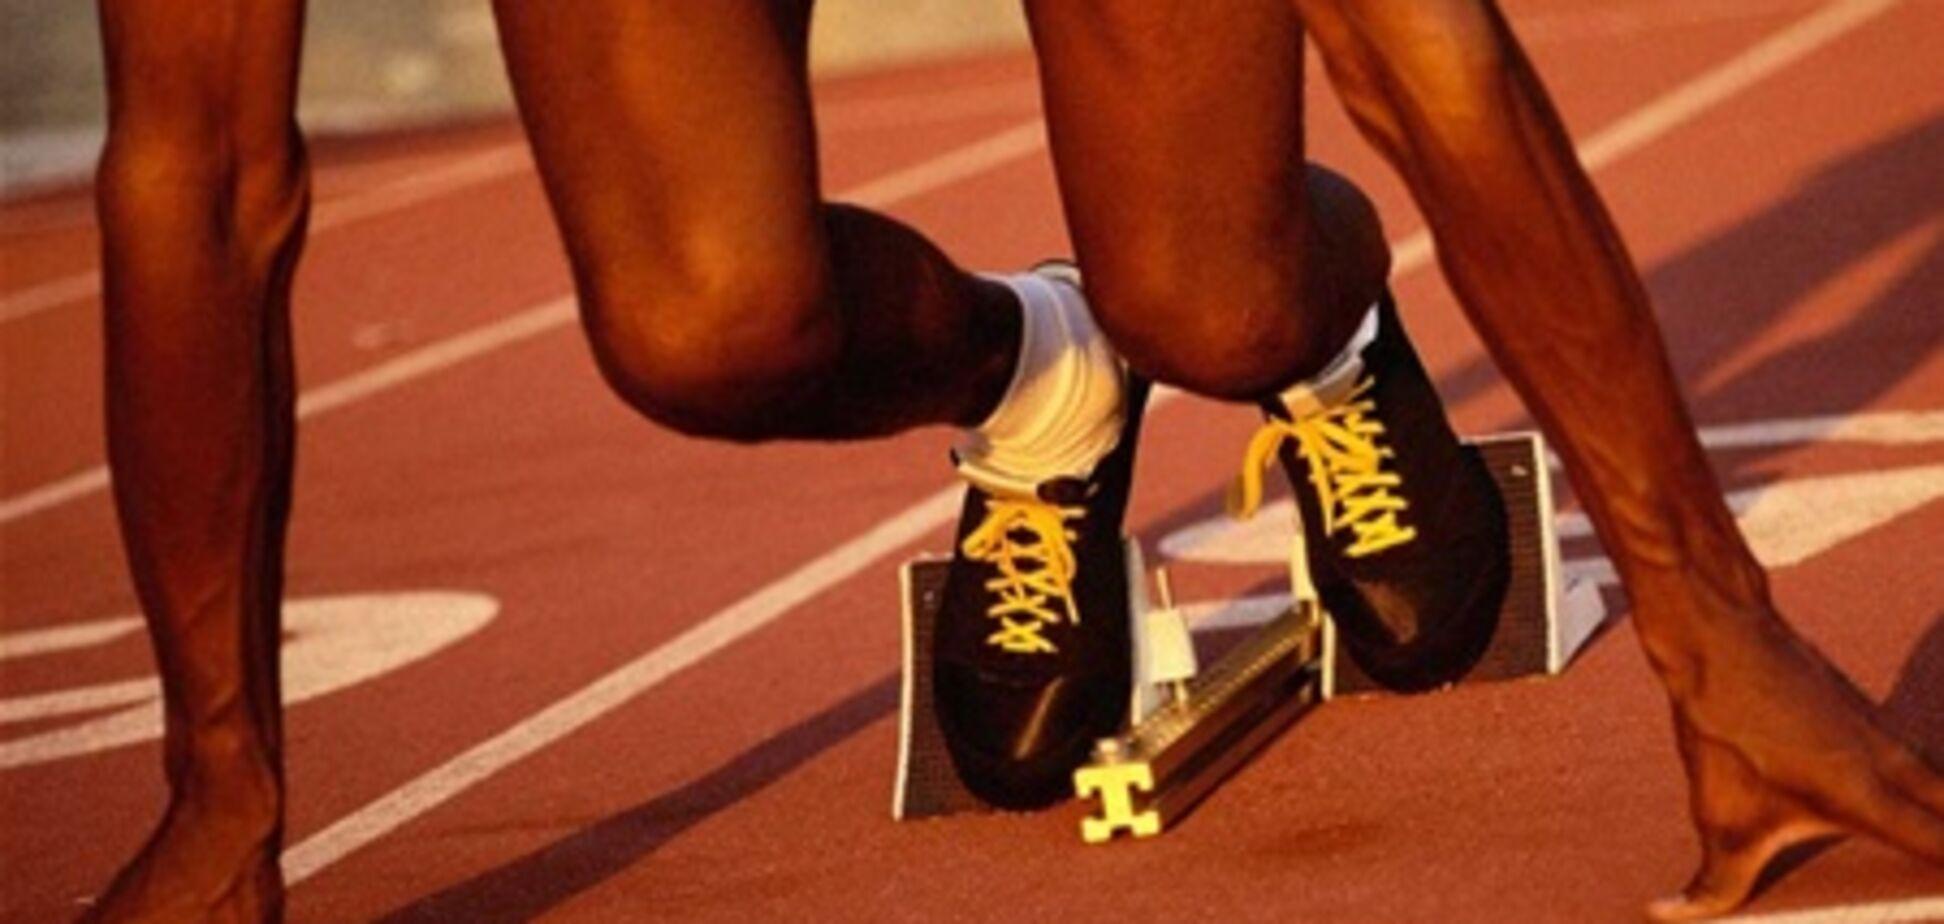 'Изобретательность'  руководства сборной по легкой атлетике стоила олимпийцам почти 1.5 млн. гривен – СМИ